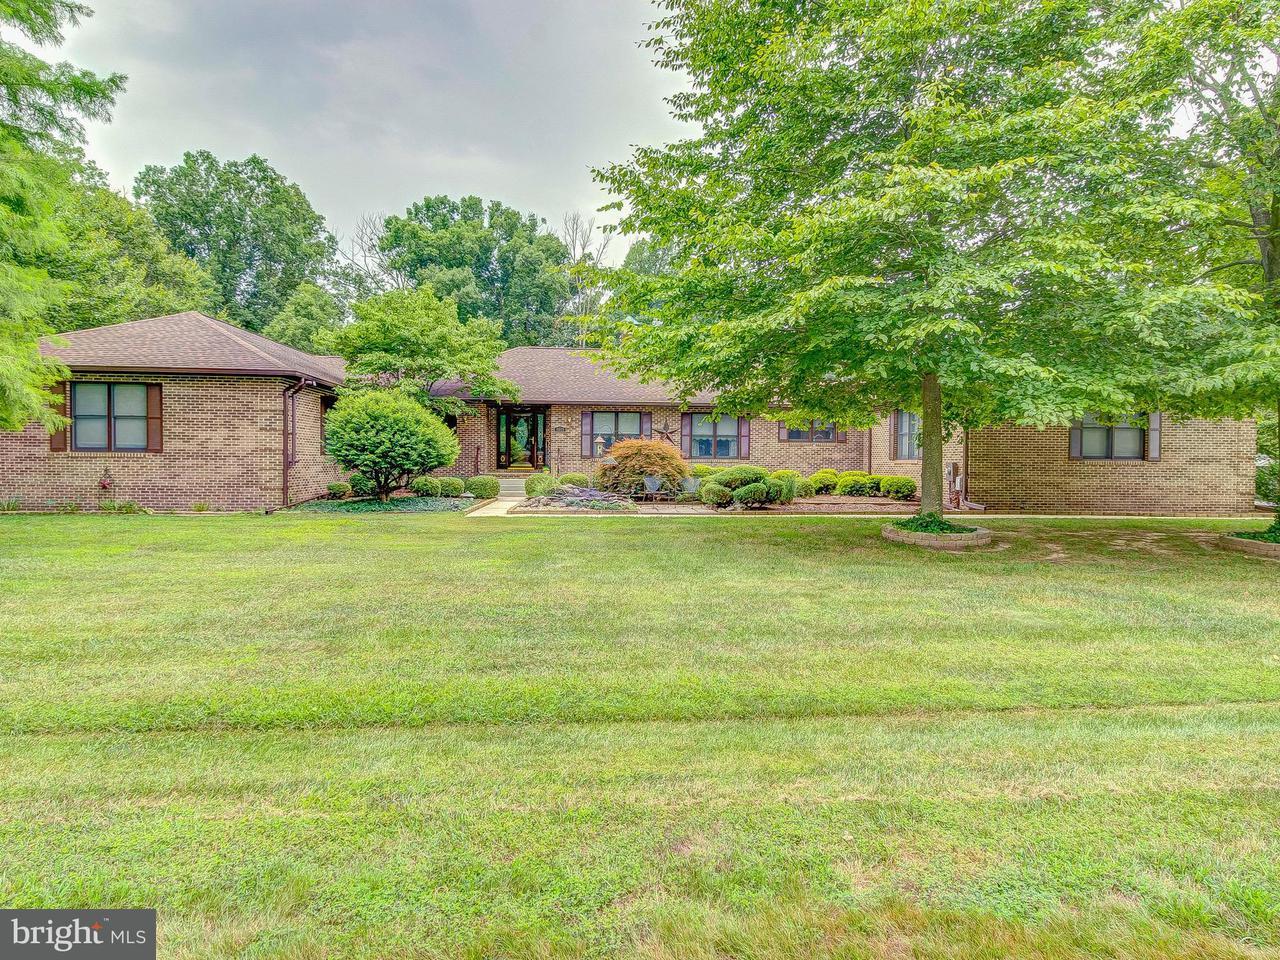 一戸建て のために 売買 アット 8601 Creek Court 8601 Creek Court White Plains, メリーランド 20695 アメリカ合衆国